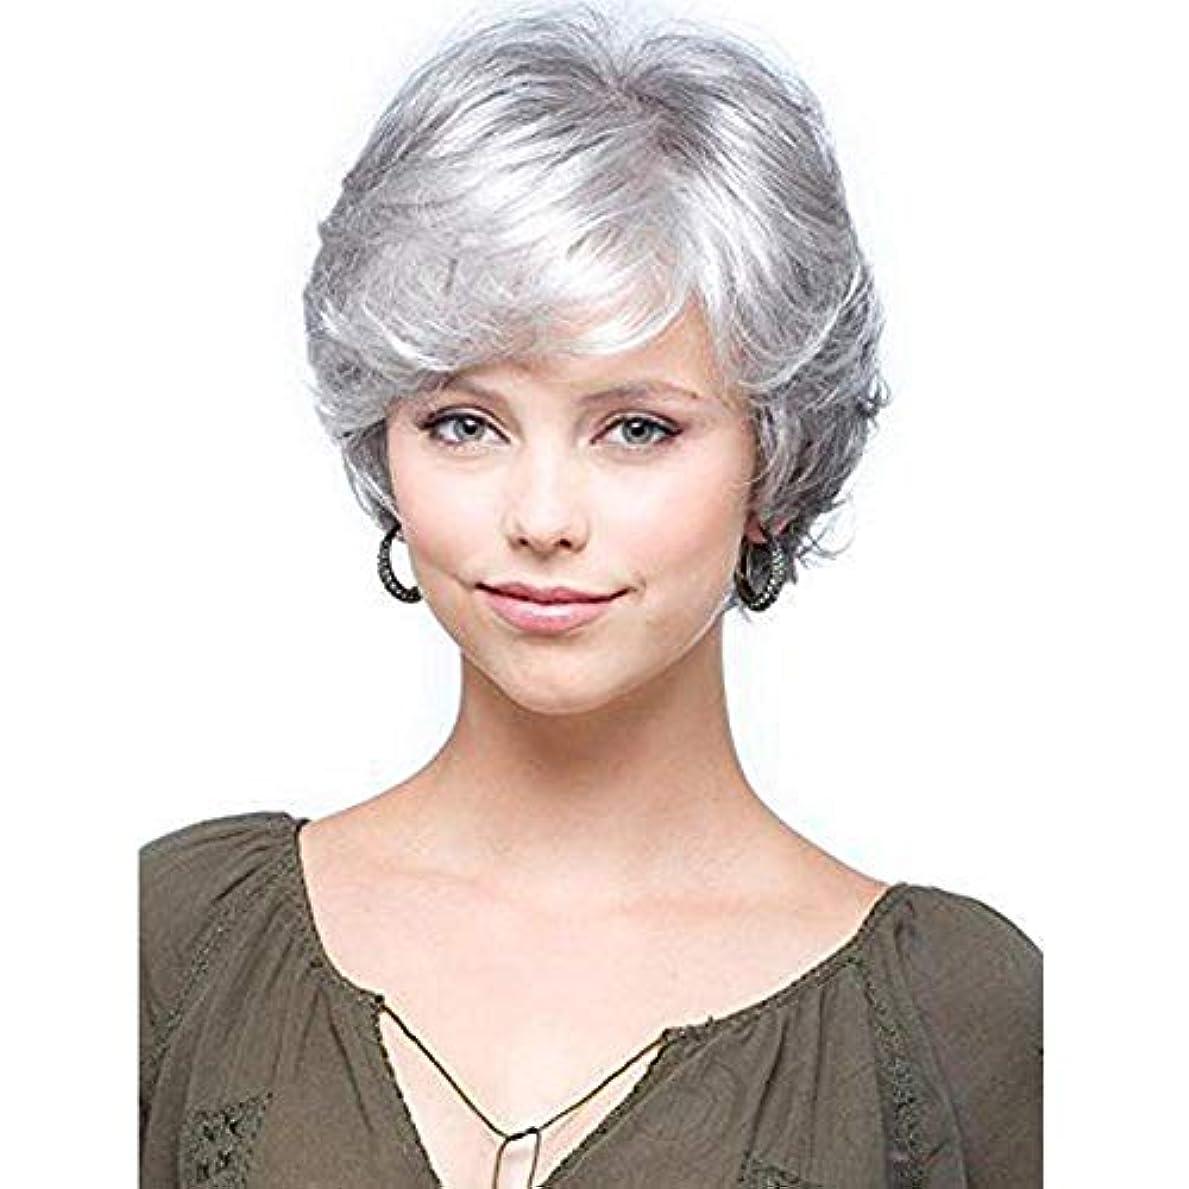 赤外線会計バーゲンWASAIO 女性の短い巻き毛のかつら古い中年女性のシルバーグレーの短い髪 (色 : グレー)